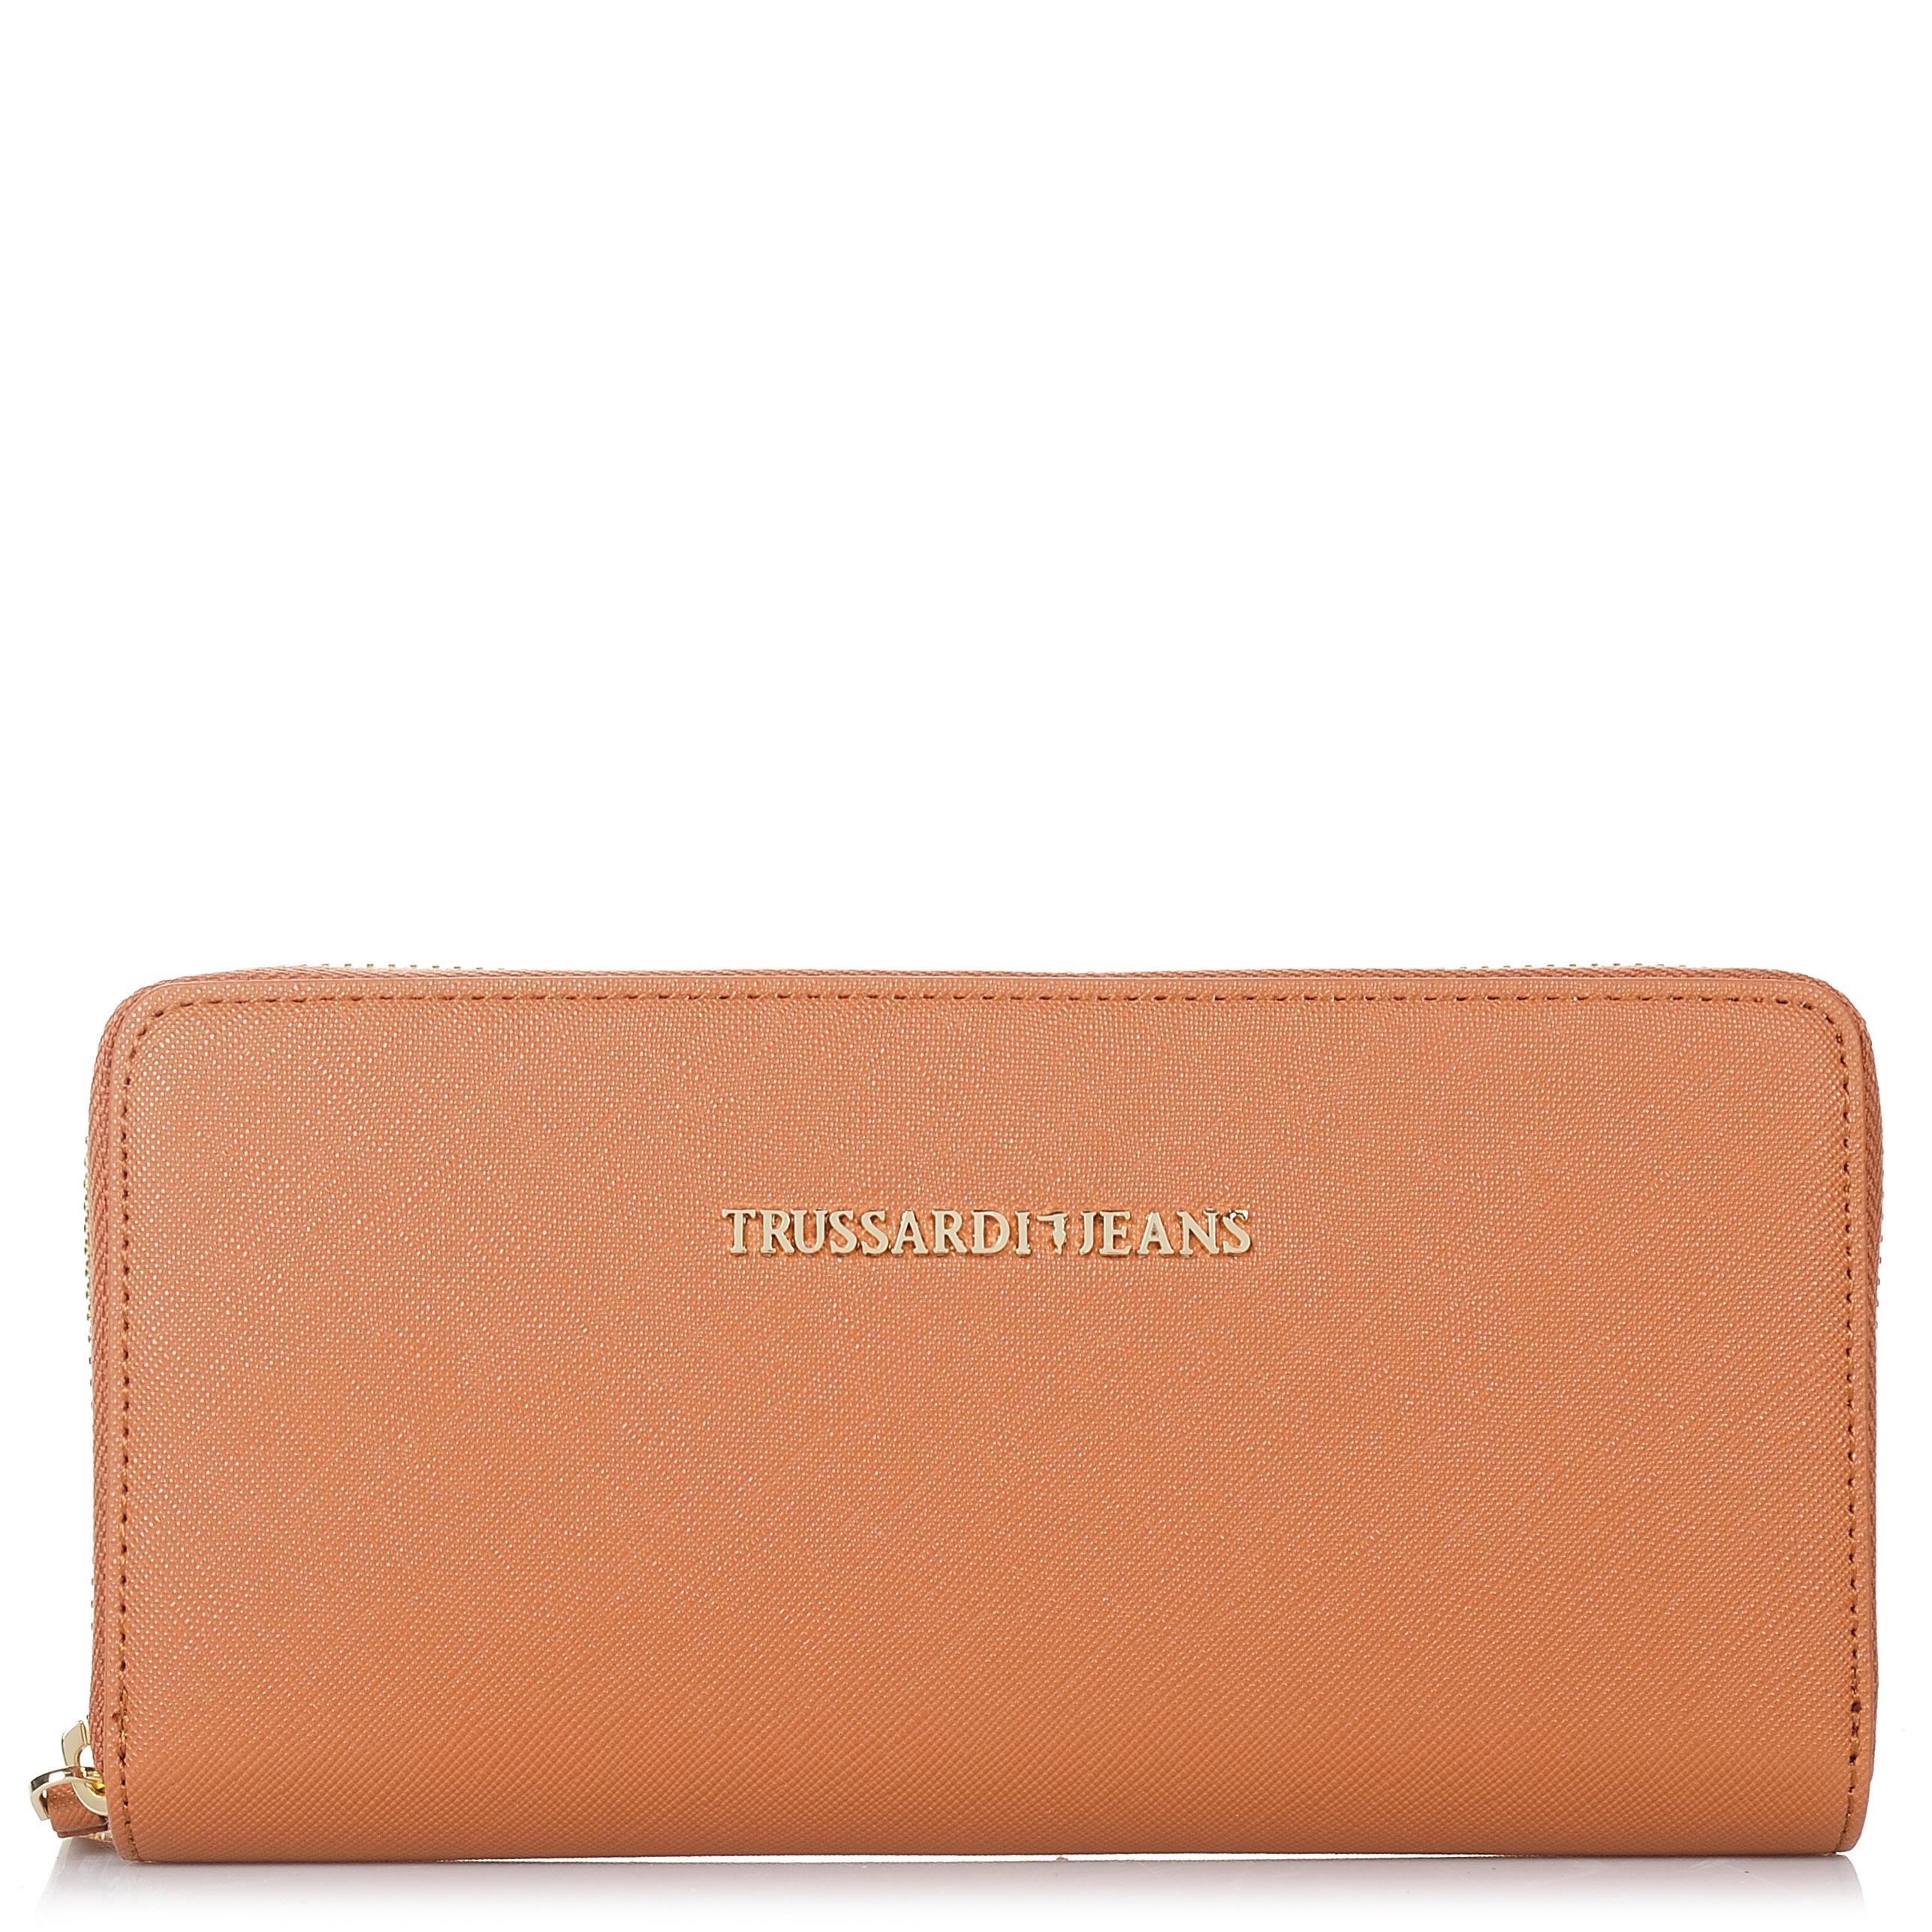 Πορτοφόλι Κασετίνα Trussardi Jeans Levanto Ecosaffiano Wallet Zip Around 75W011